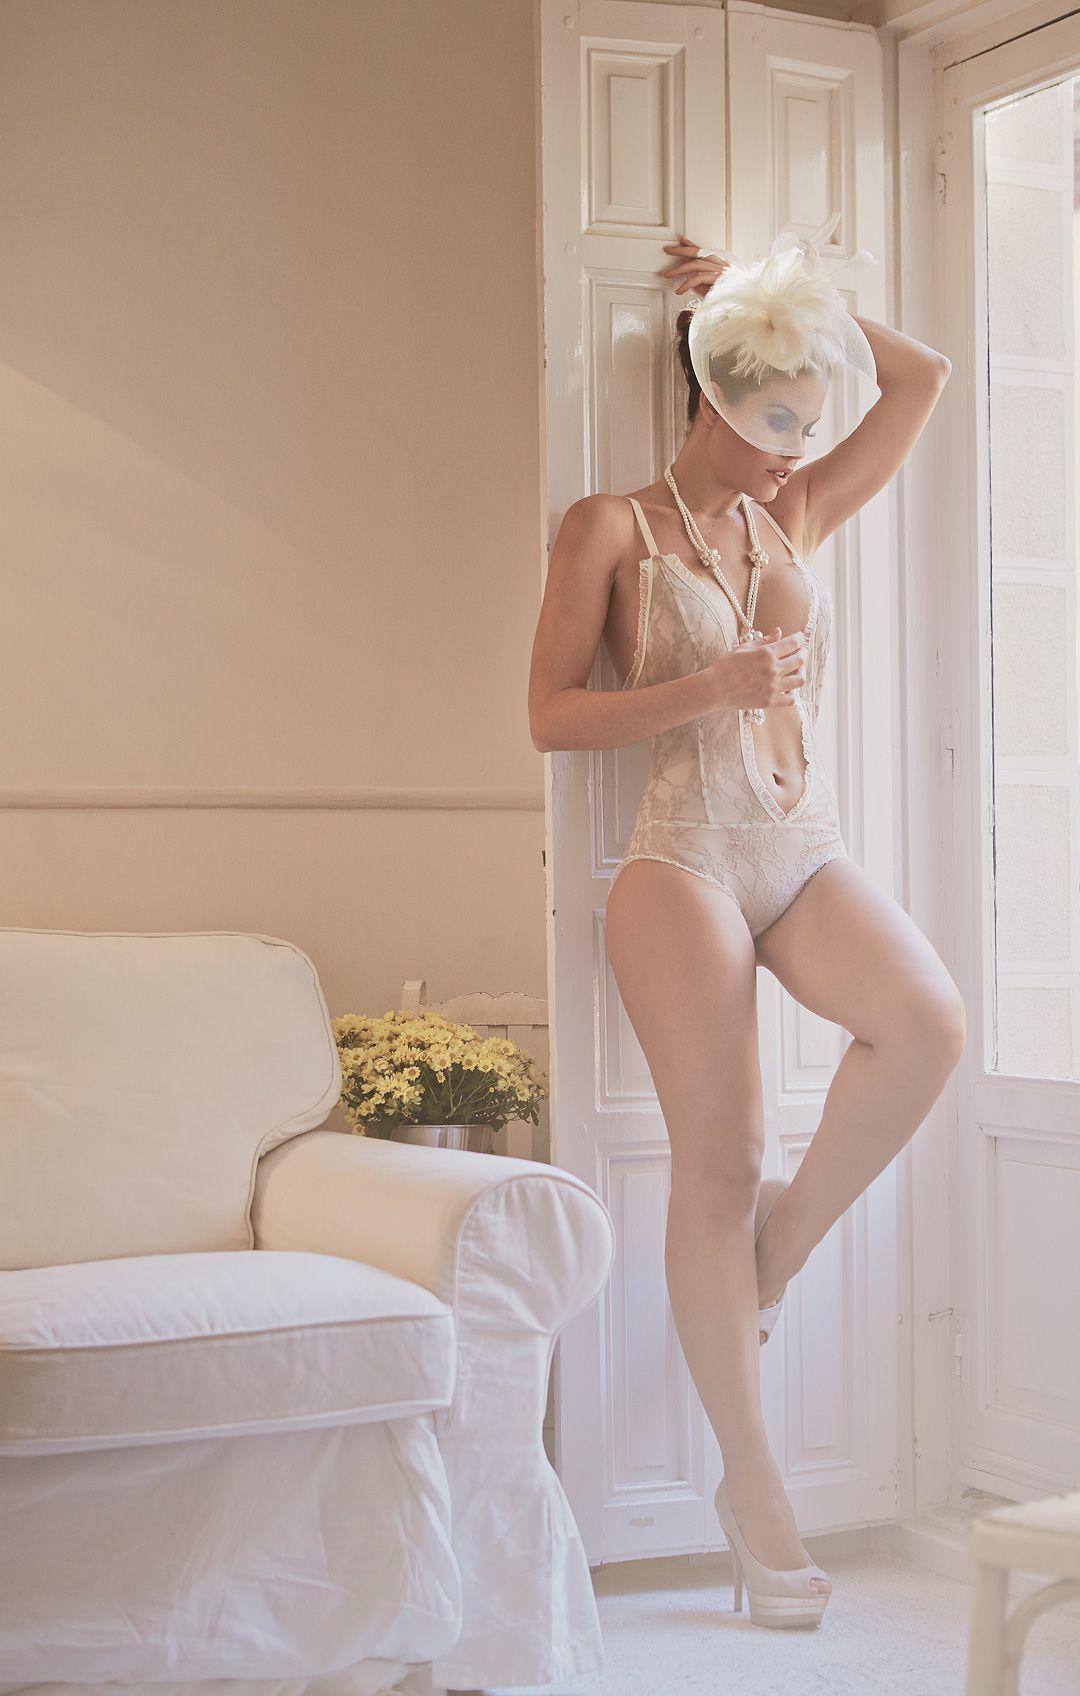 fotos boudoir en domicilio y apartamento de modelo profesional sensual madrid Rocío Z 62 jpg